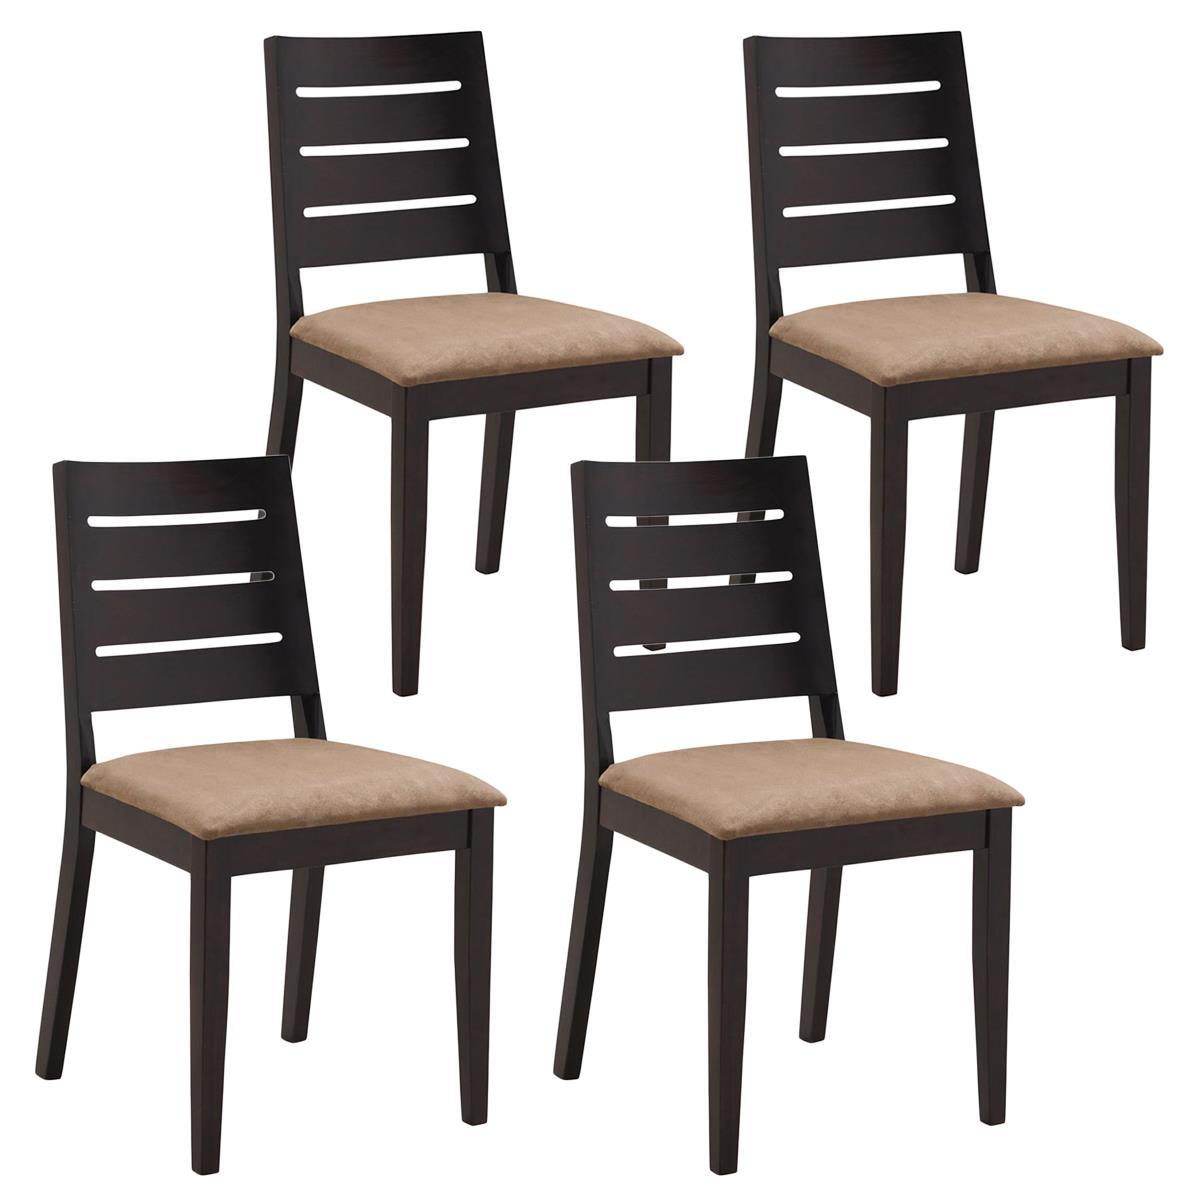 Lotto da 4 sedie per salotto salo in legno e tessuto for Sedie in legno per sala da pranzo